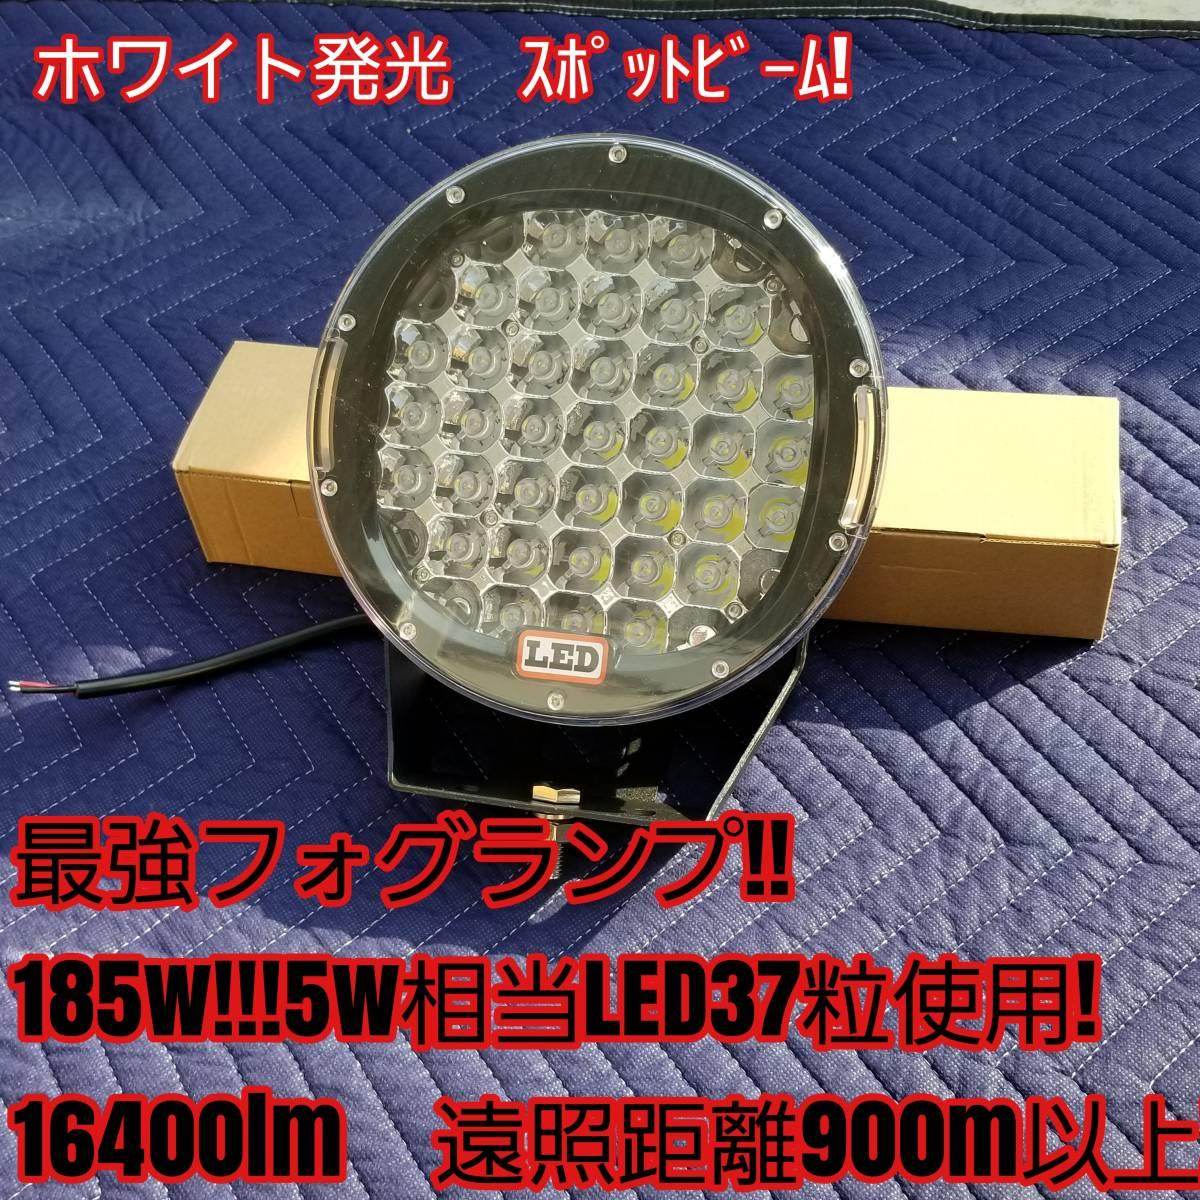 新品LED フォグライト 185w 作業灯 ワークライト 防水 CREE 2個 サーチライト ライトバー 丸型スポットビームARB プラド キャリア_画像2